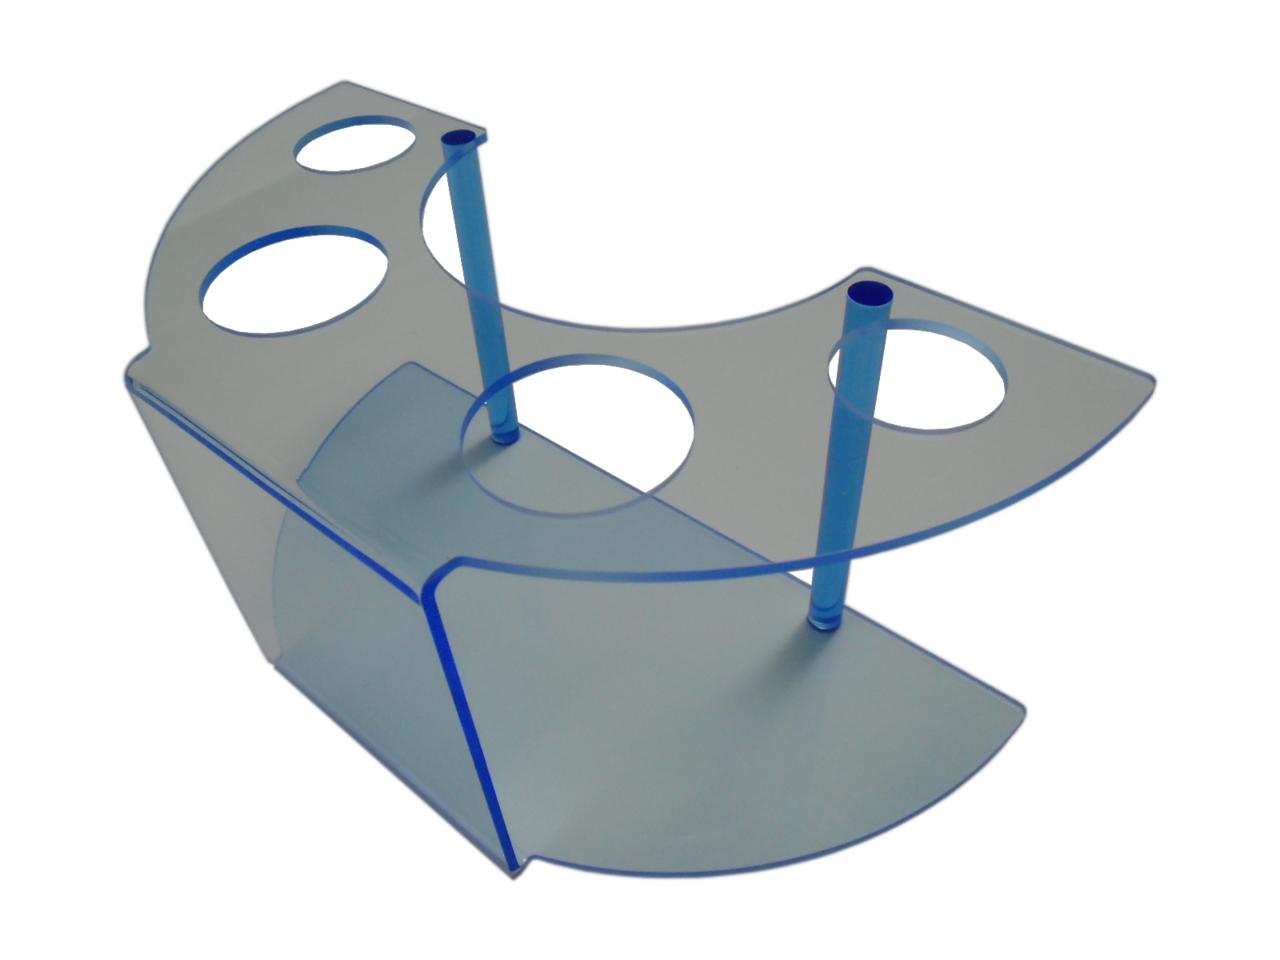 Waffeleishalter aus blau fluoreszierendem Acrylglas mit 4 Löchern.